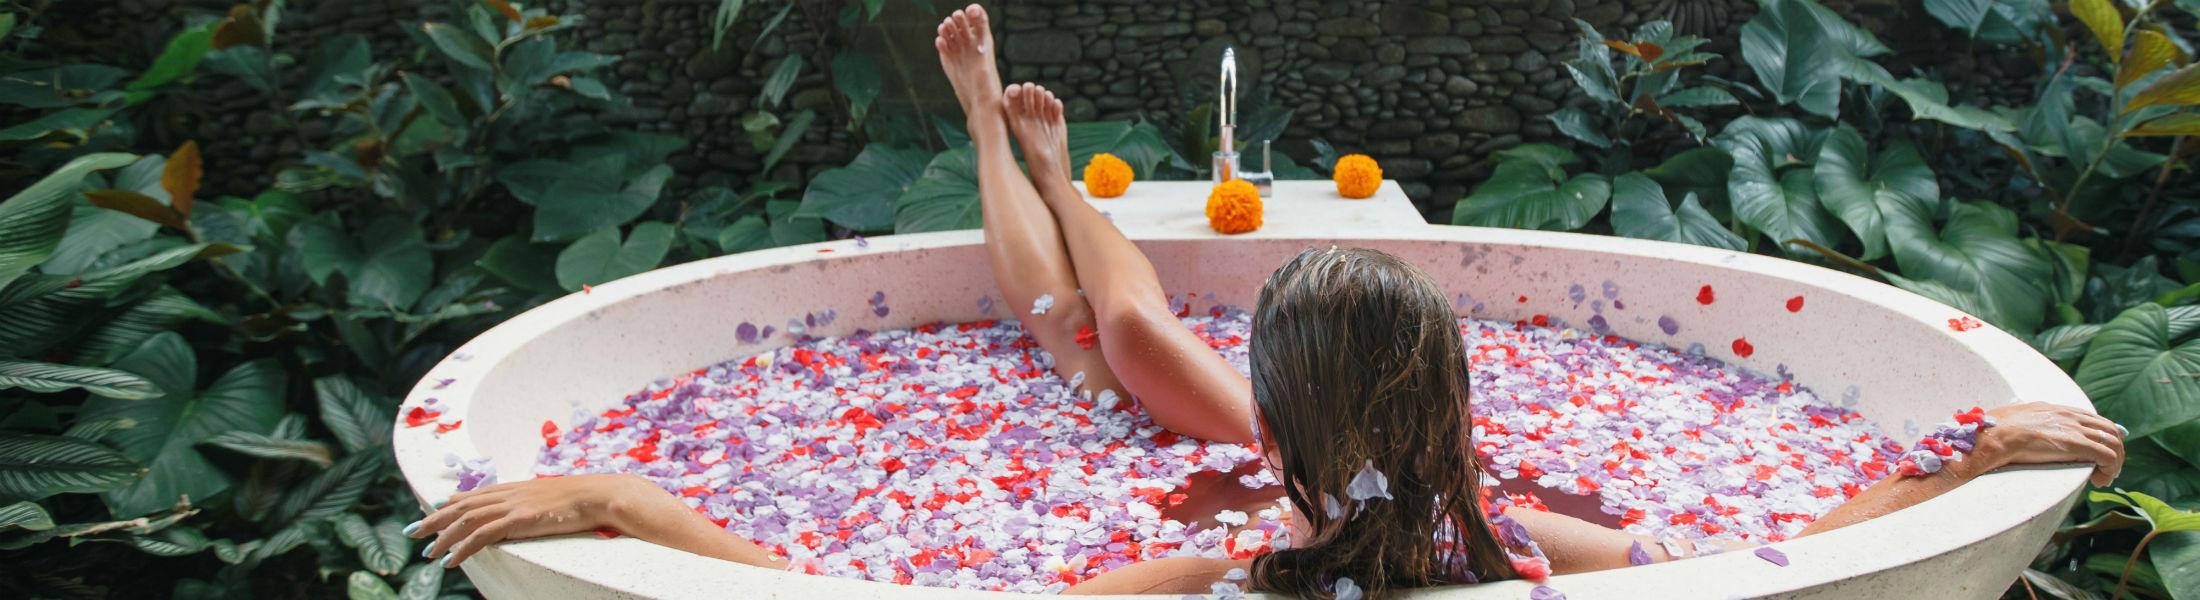 petals in a bath